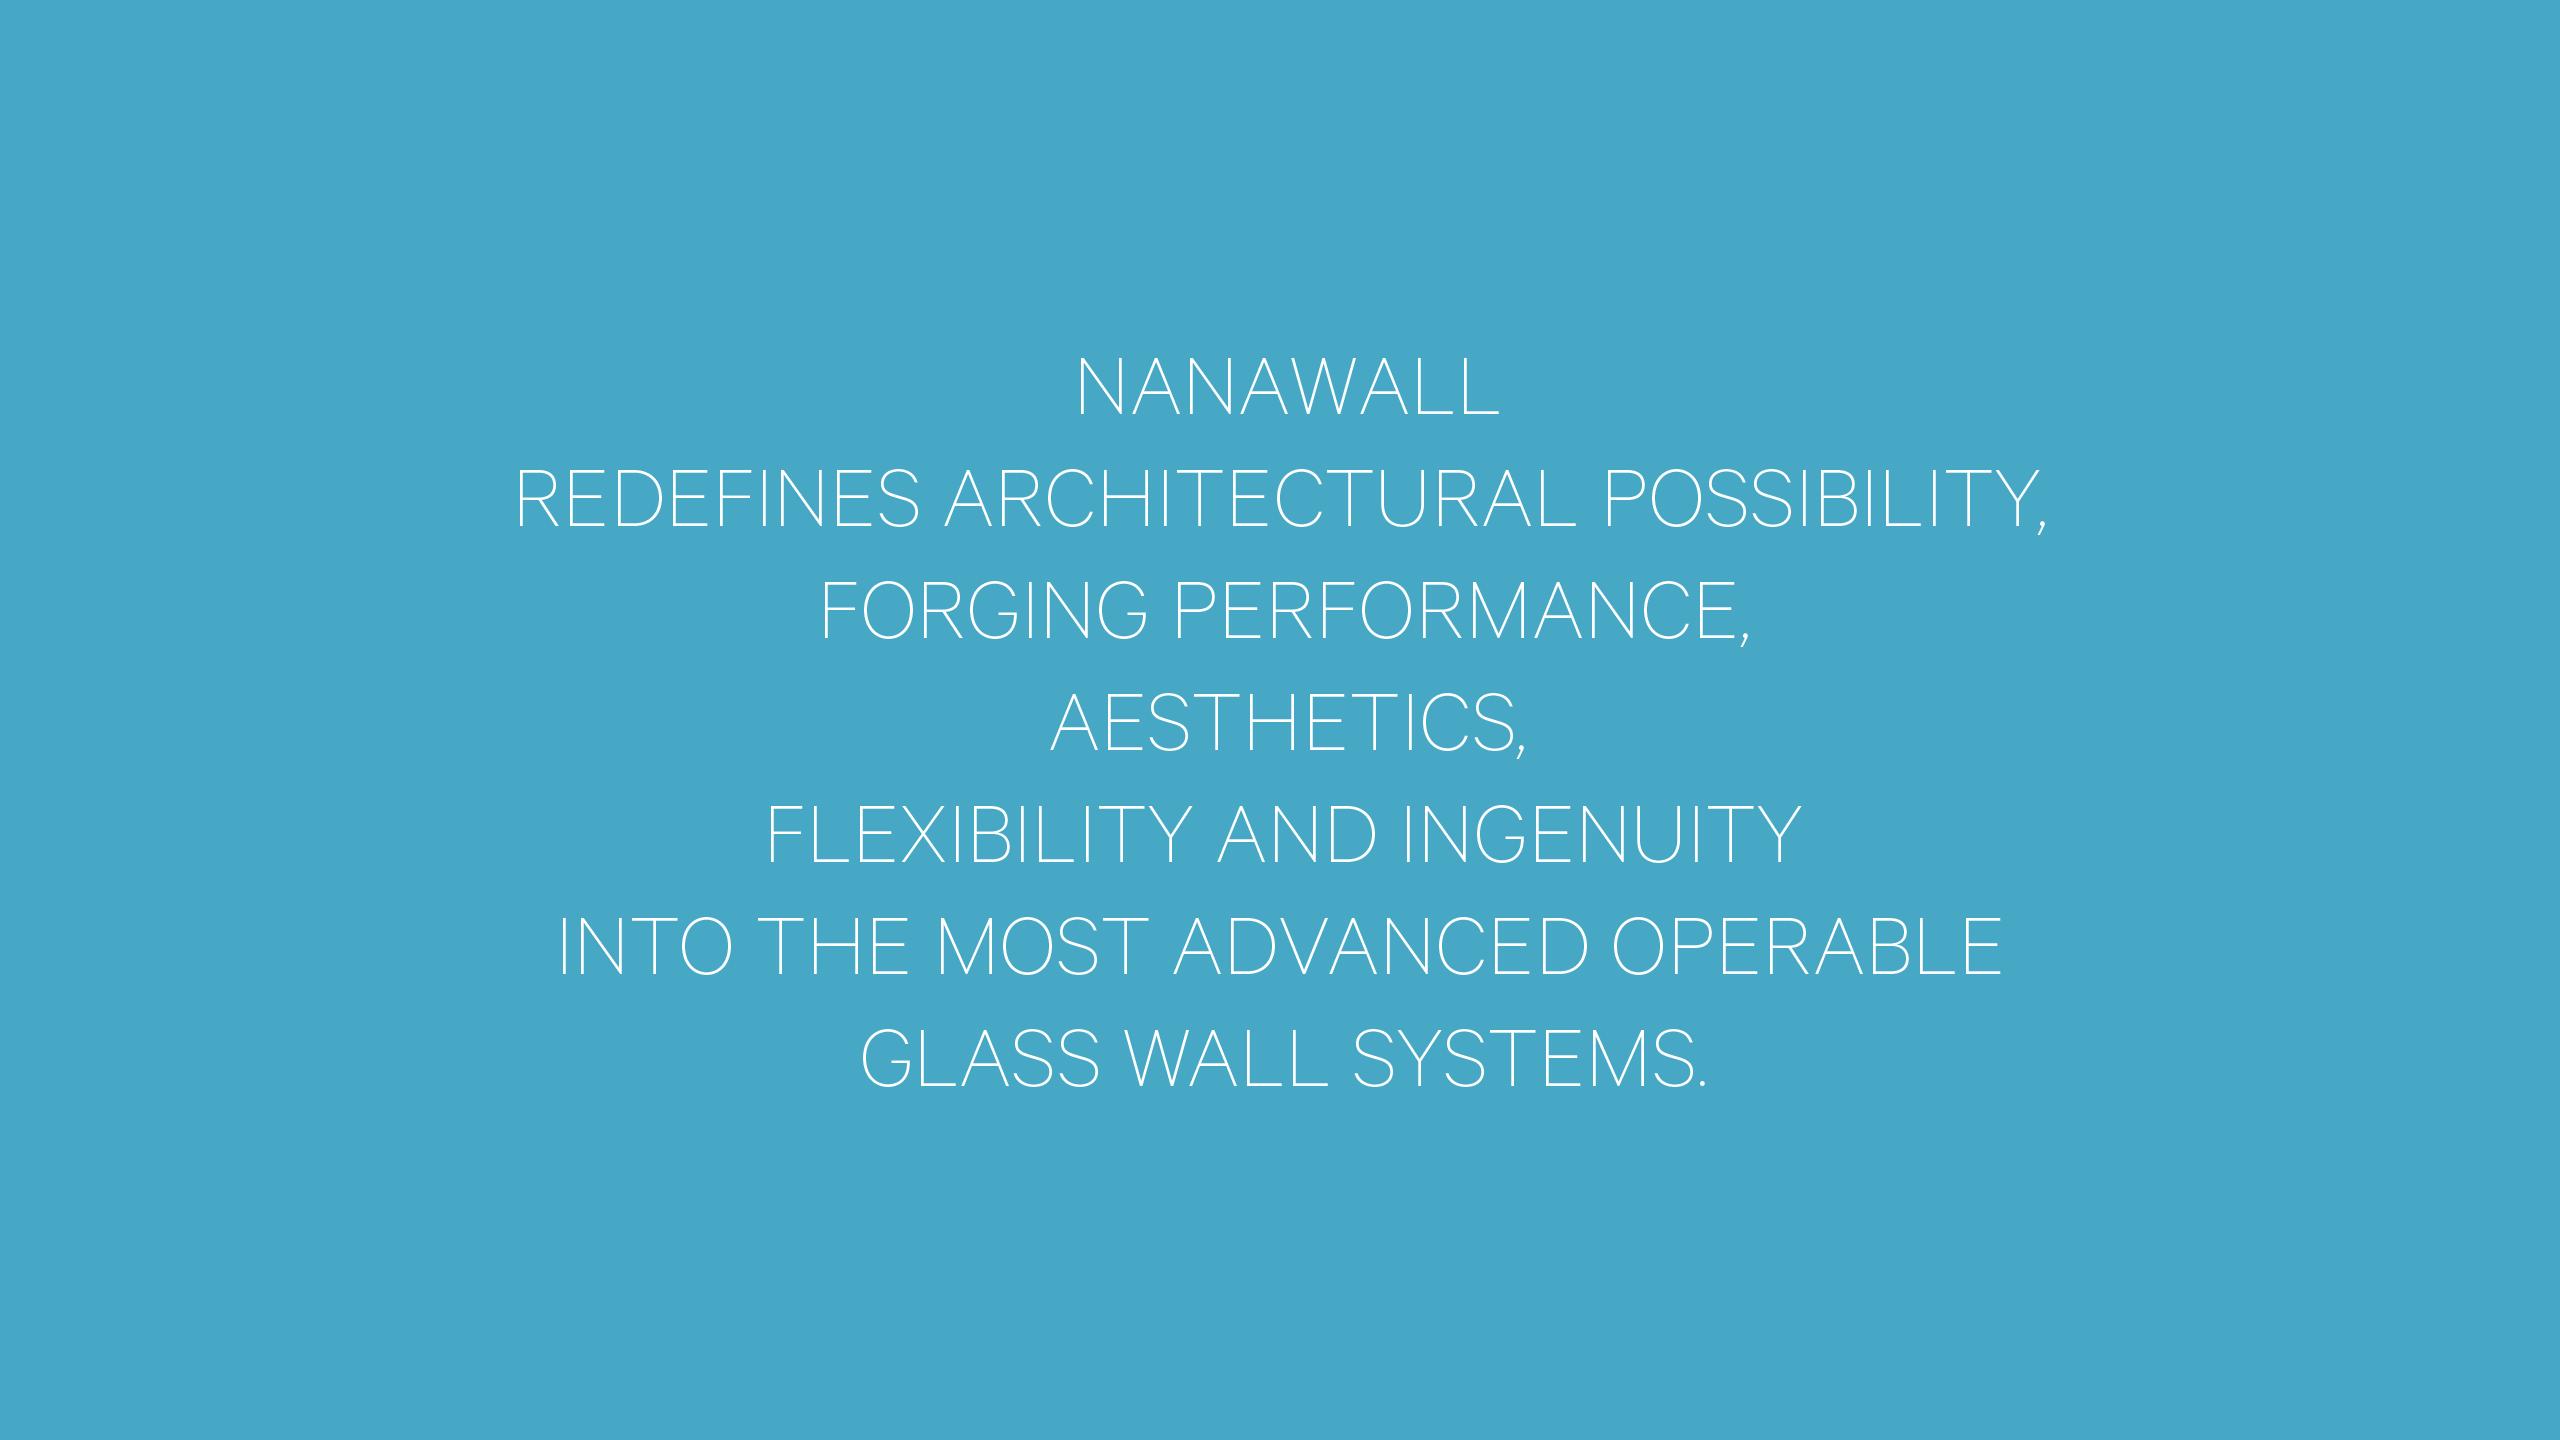 NanaWall Brand Strategy Statement